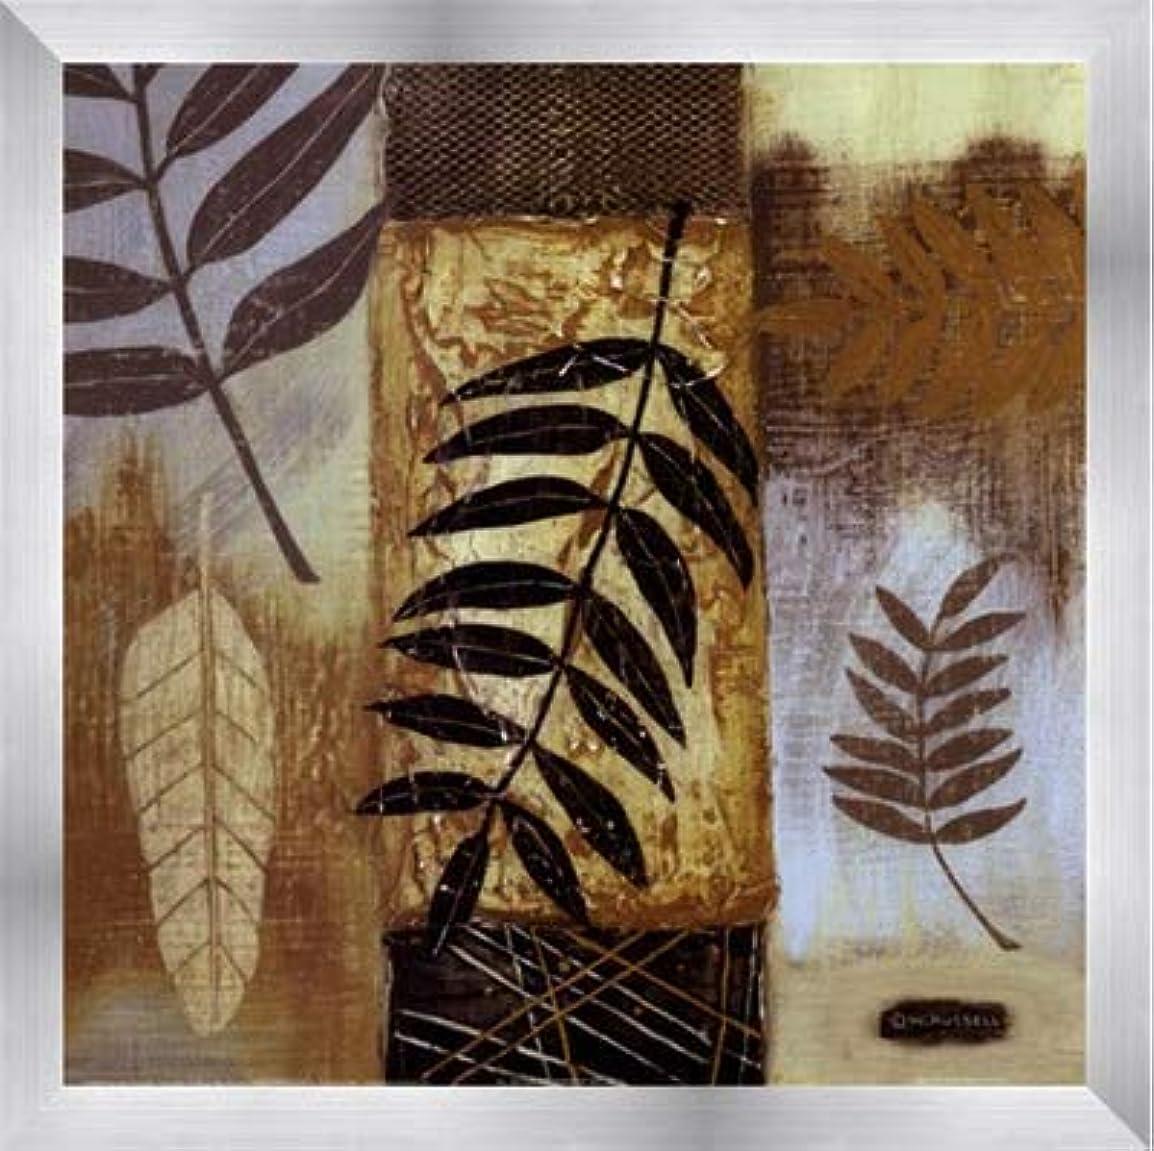 ハーブコスチューム私たちの自然のパターンI by Wendy Russell – 12 x 12インチ – アートプリントポスター 12 x 12 Inch LE_255654-F9935-12x12